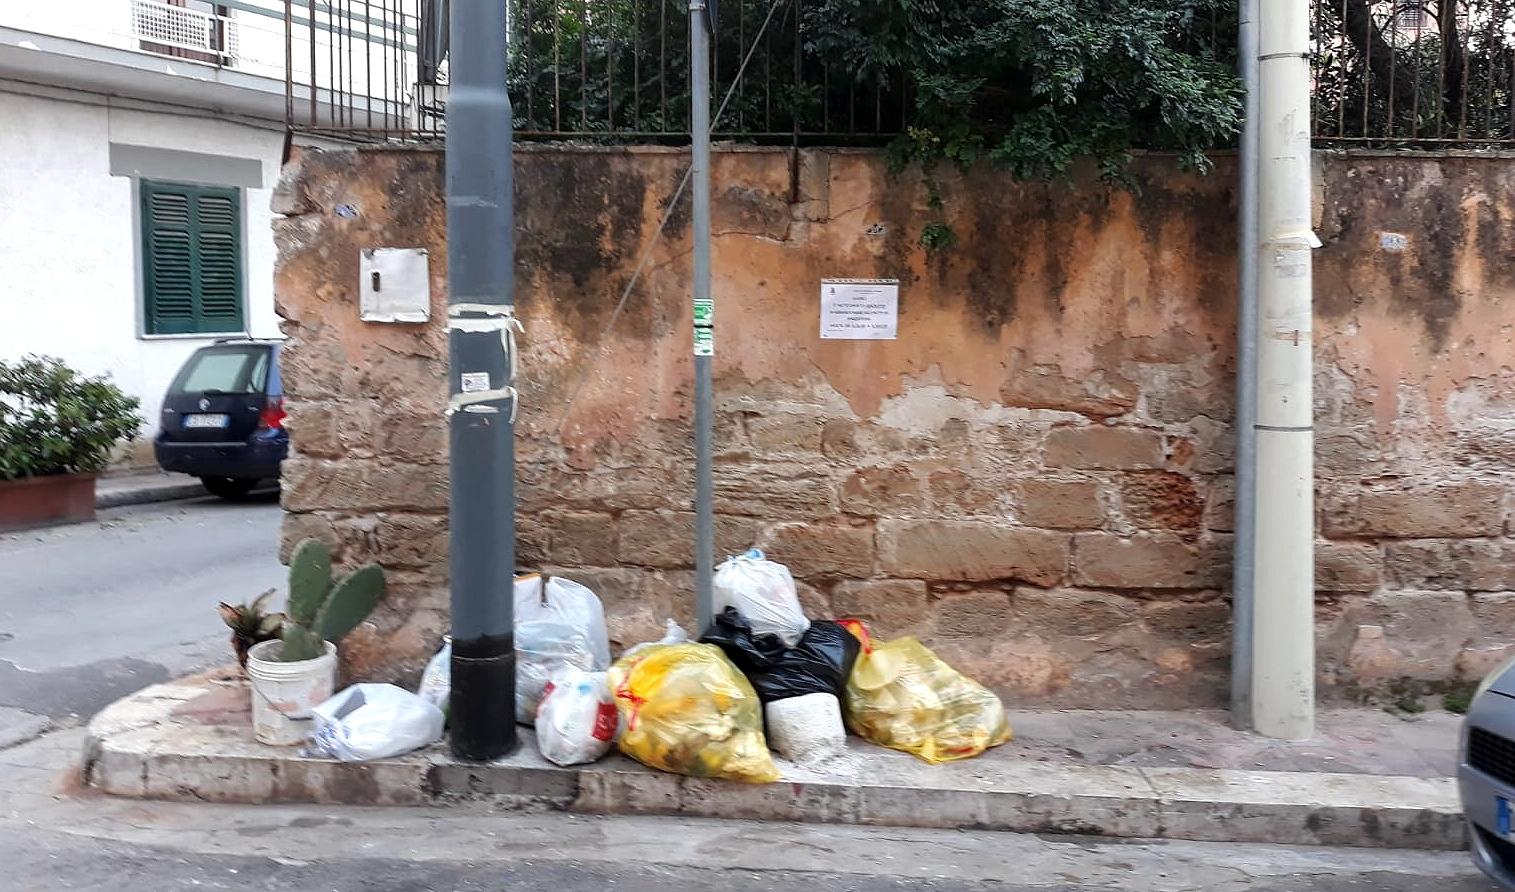 Raccolta rifiuti ad Isola delle Femmine, nuova ordinanza contro gli incivili: multe e telecamere